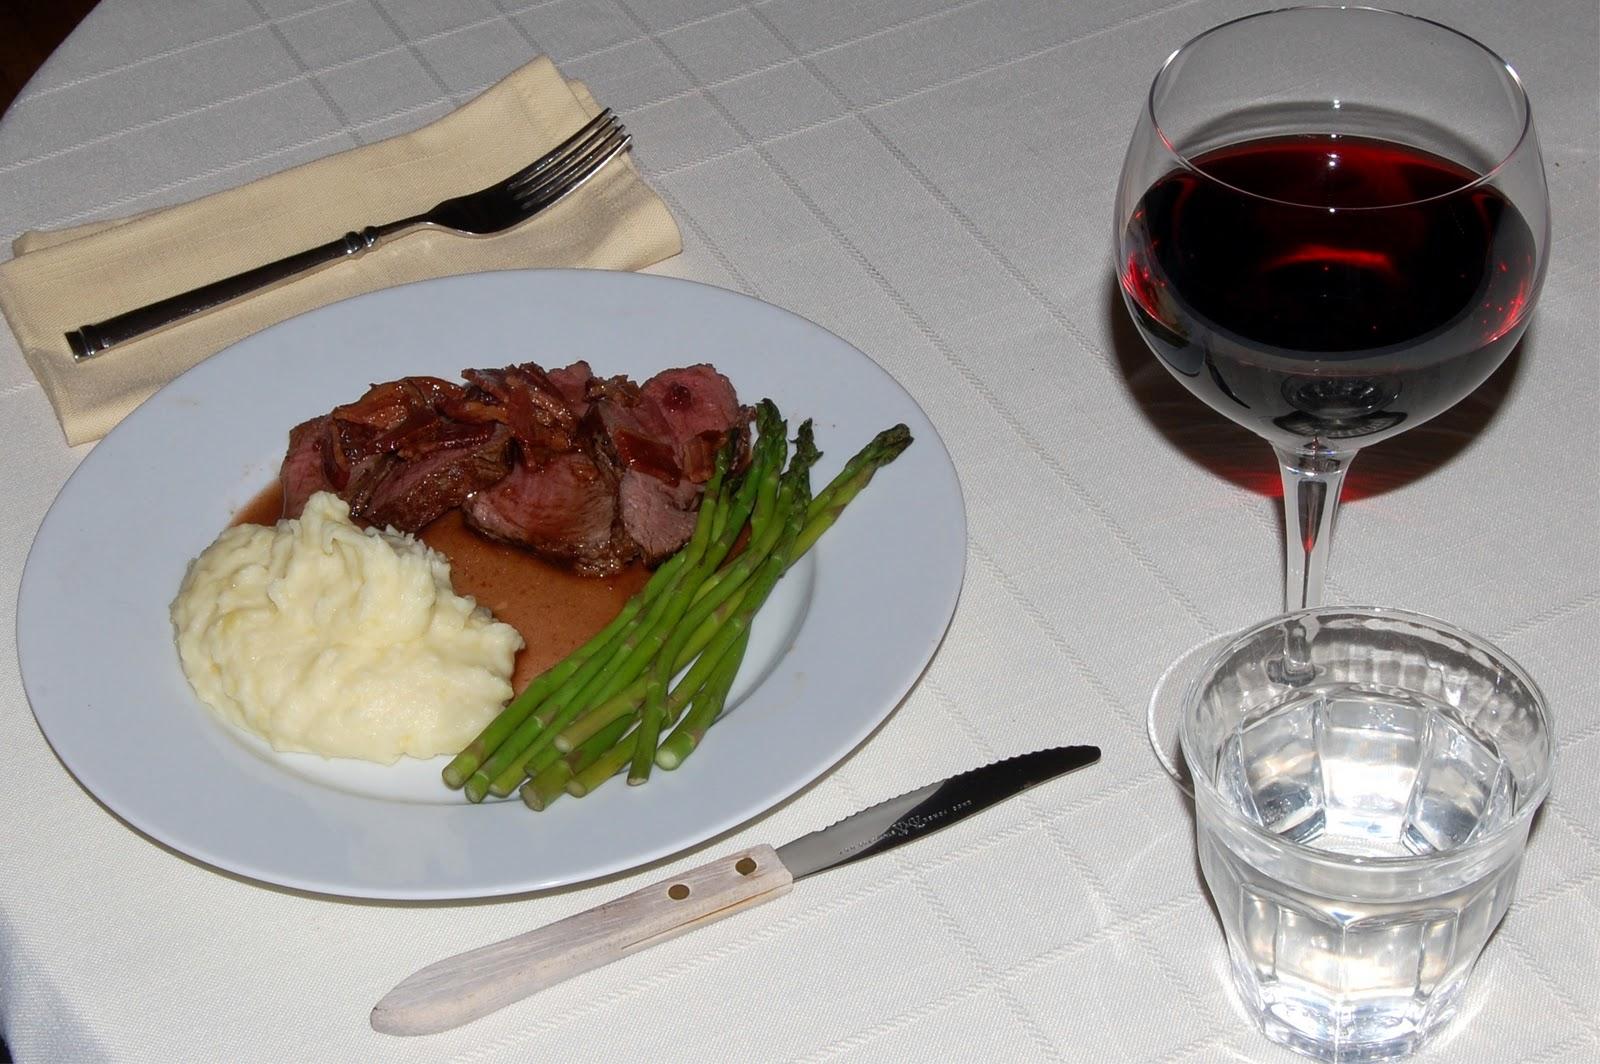 Weekend Viands: Roast Beef Tenderloin with Red Current Jus ...